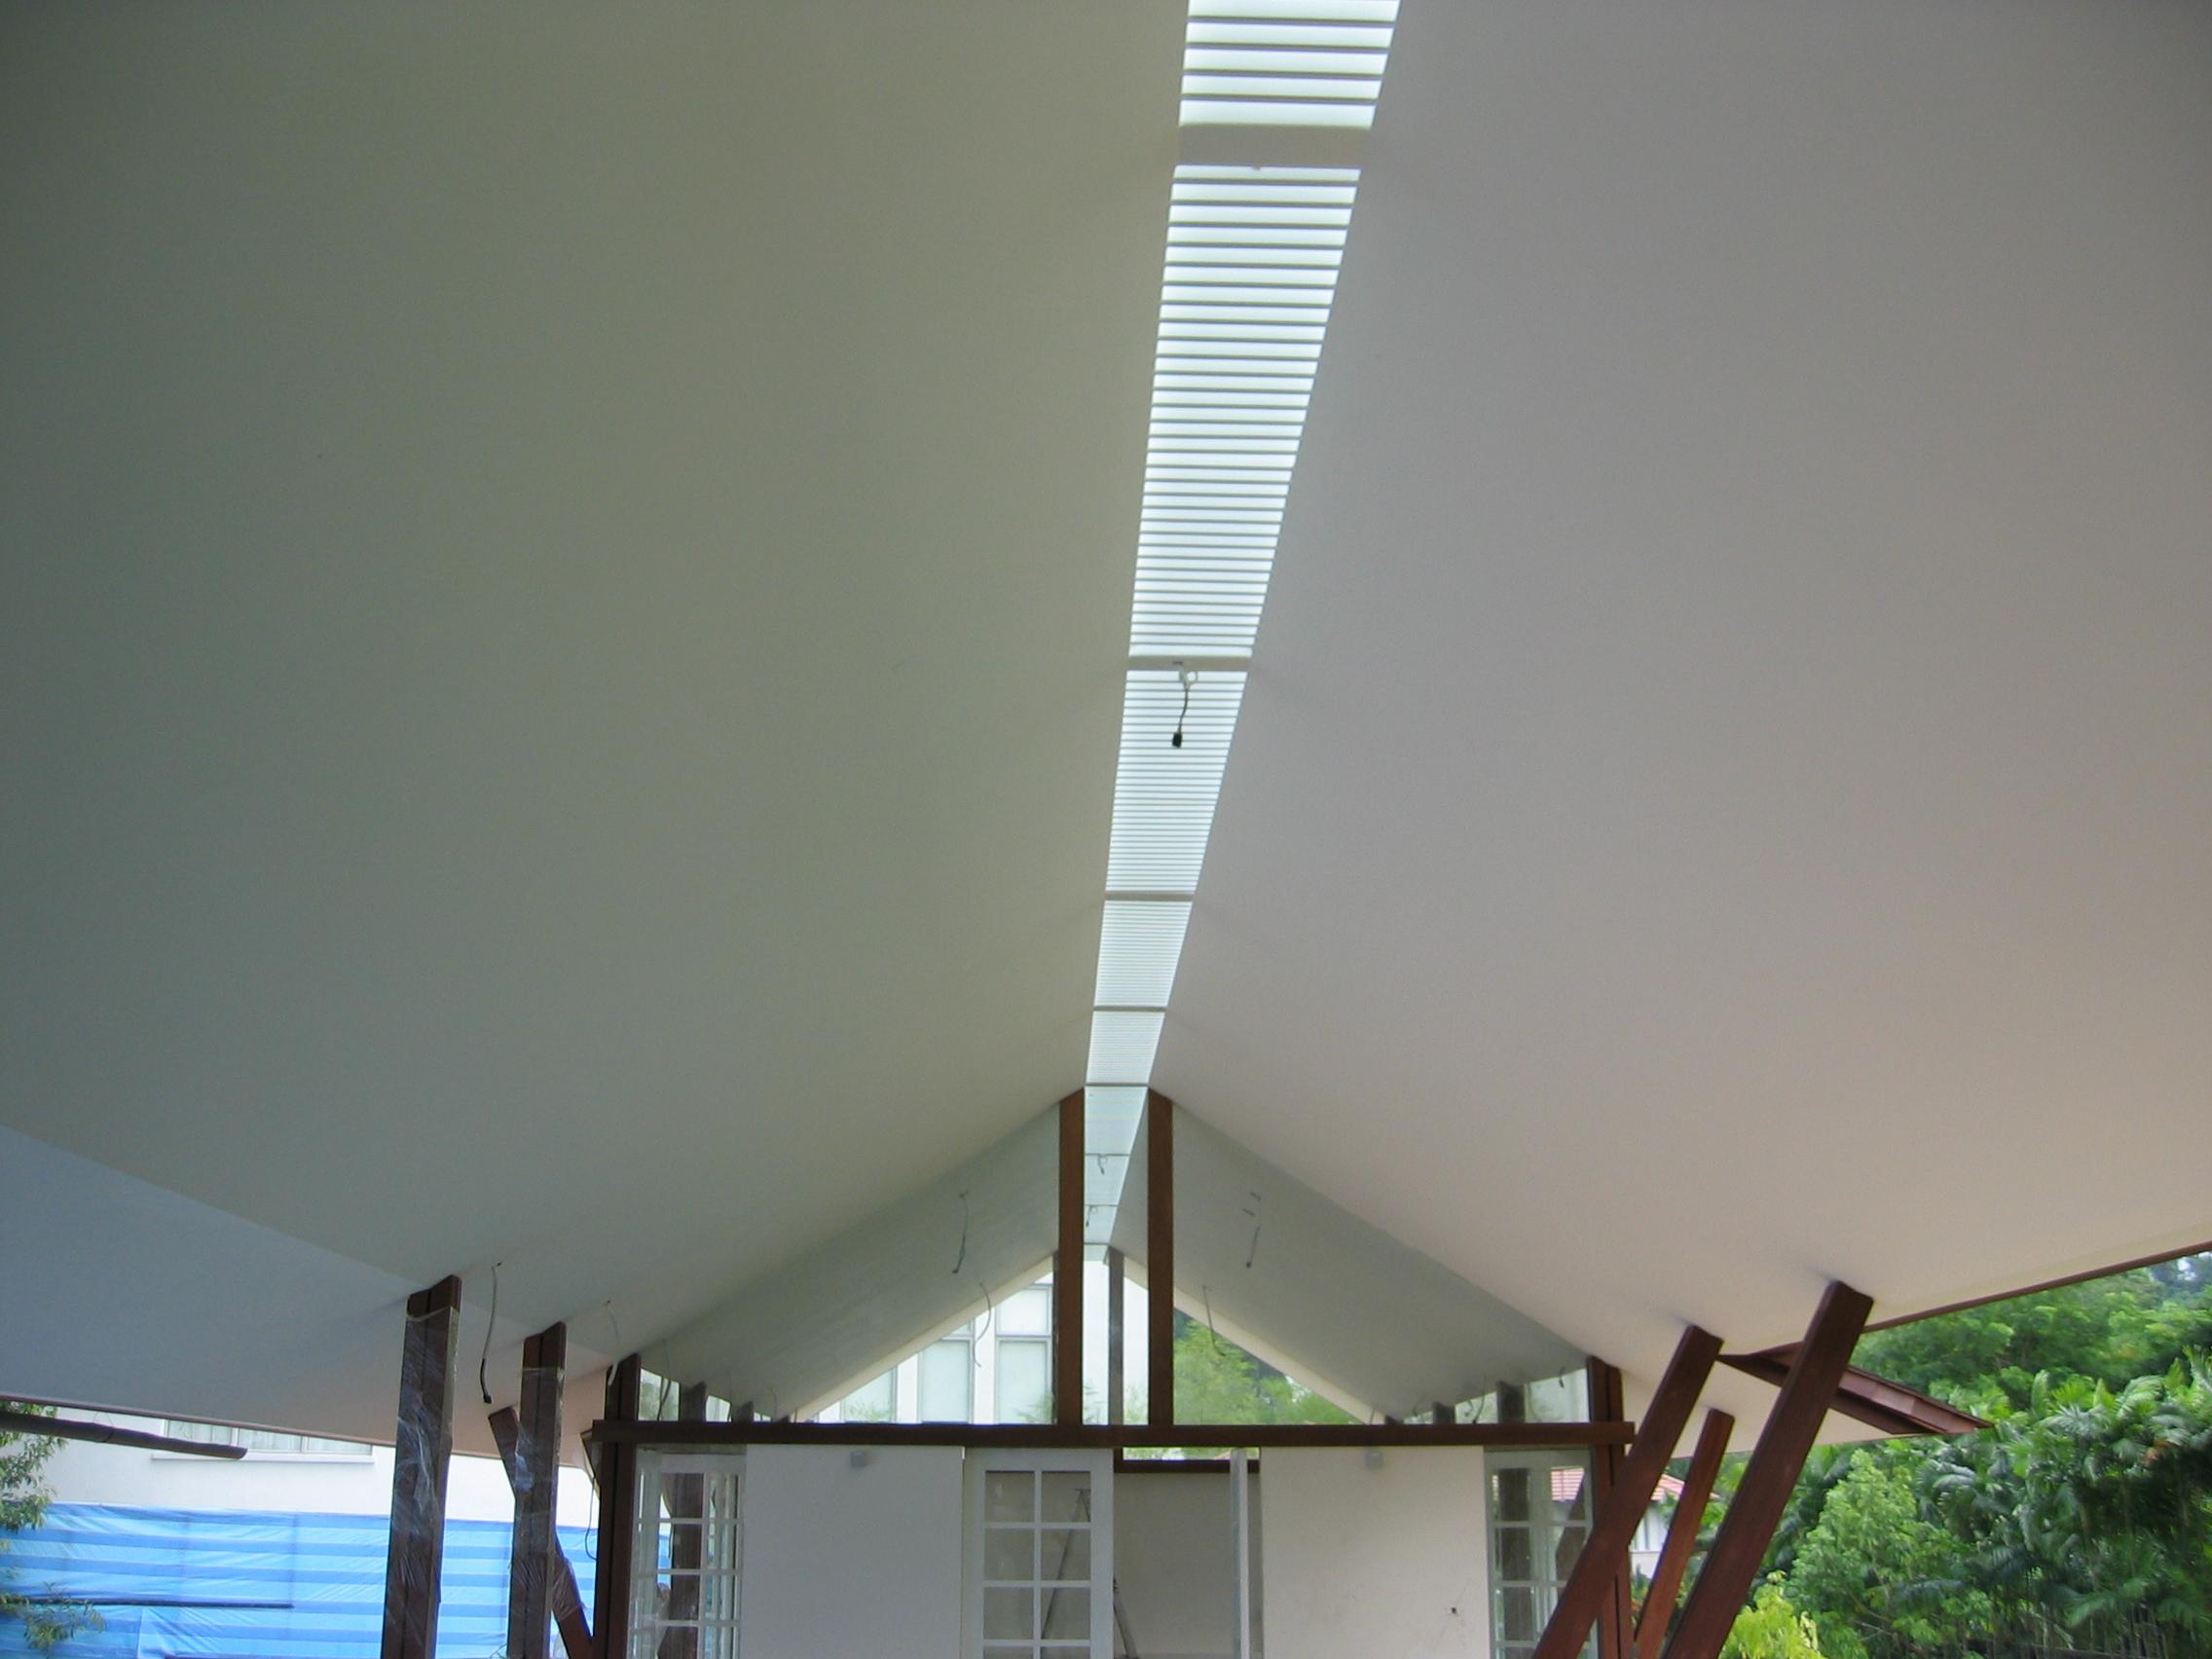 wind resistant roofing .JPG